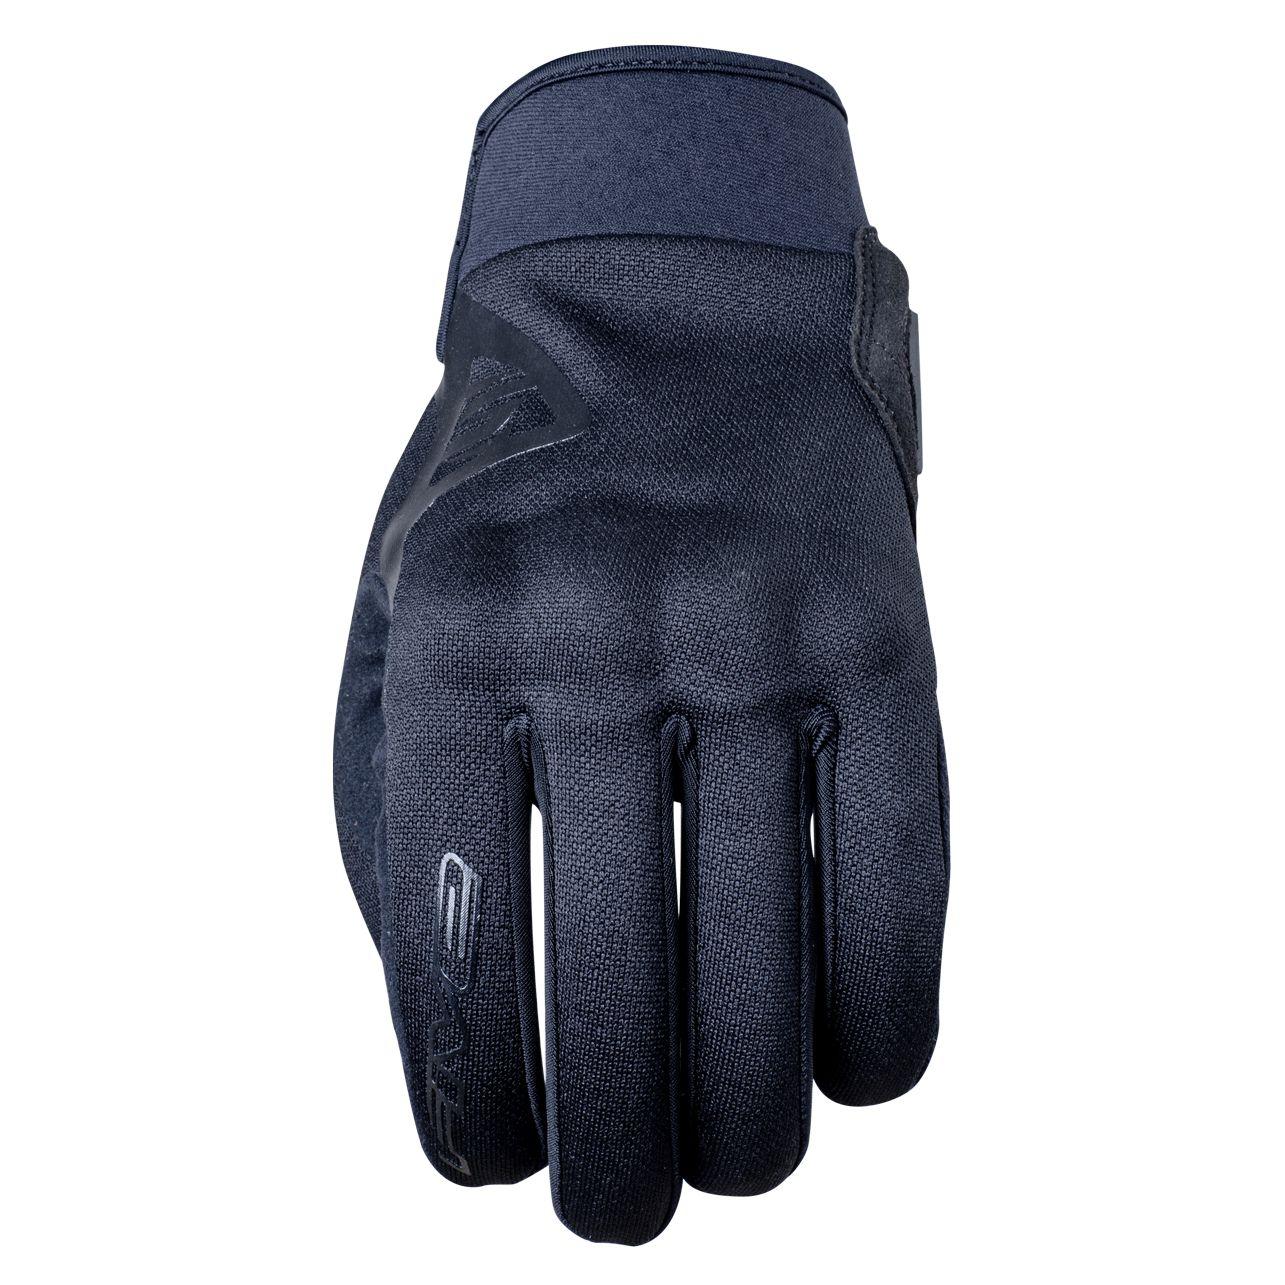 High Top Textil Guantes, Color Negro, Talla 42